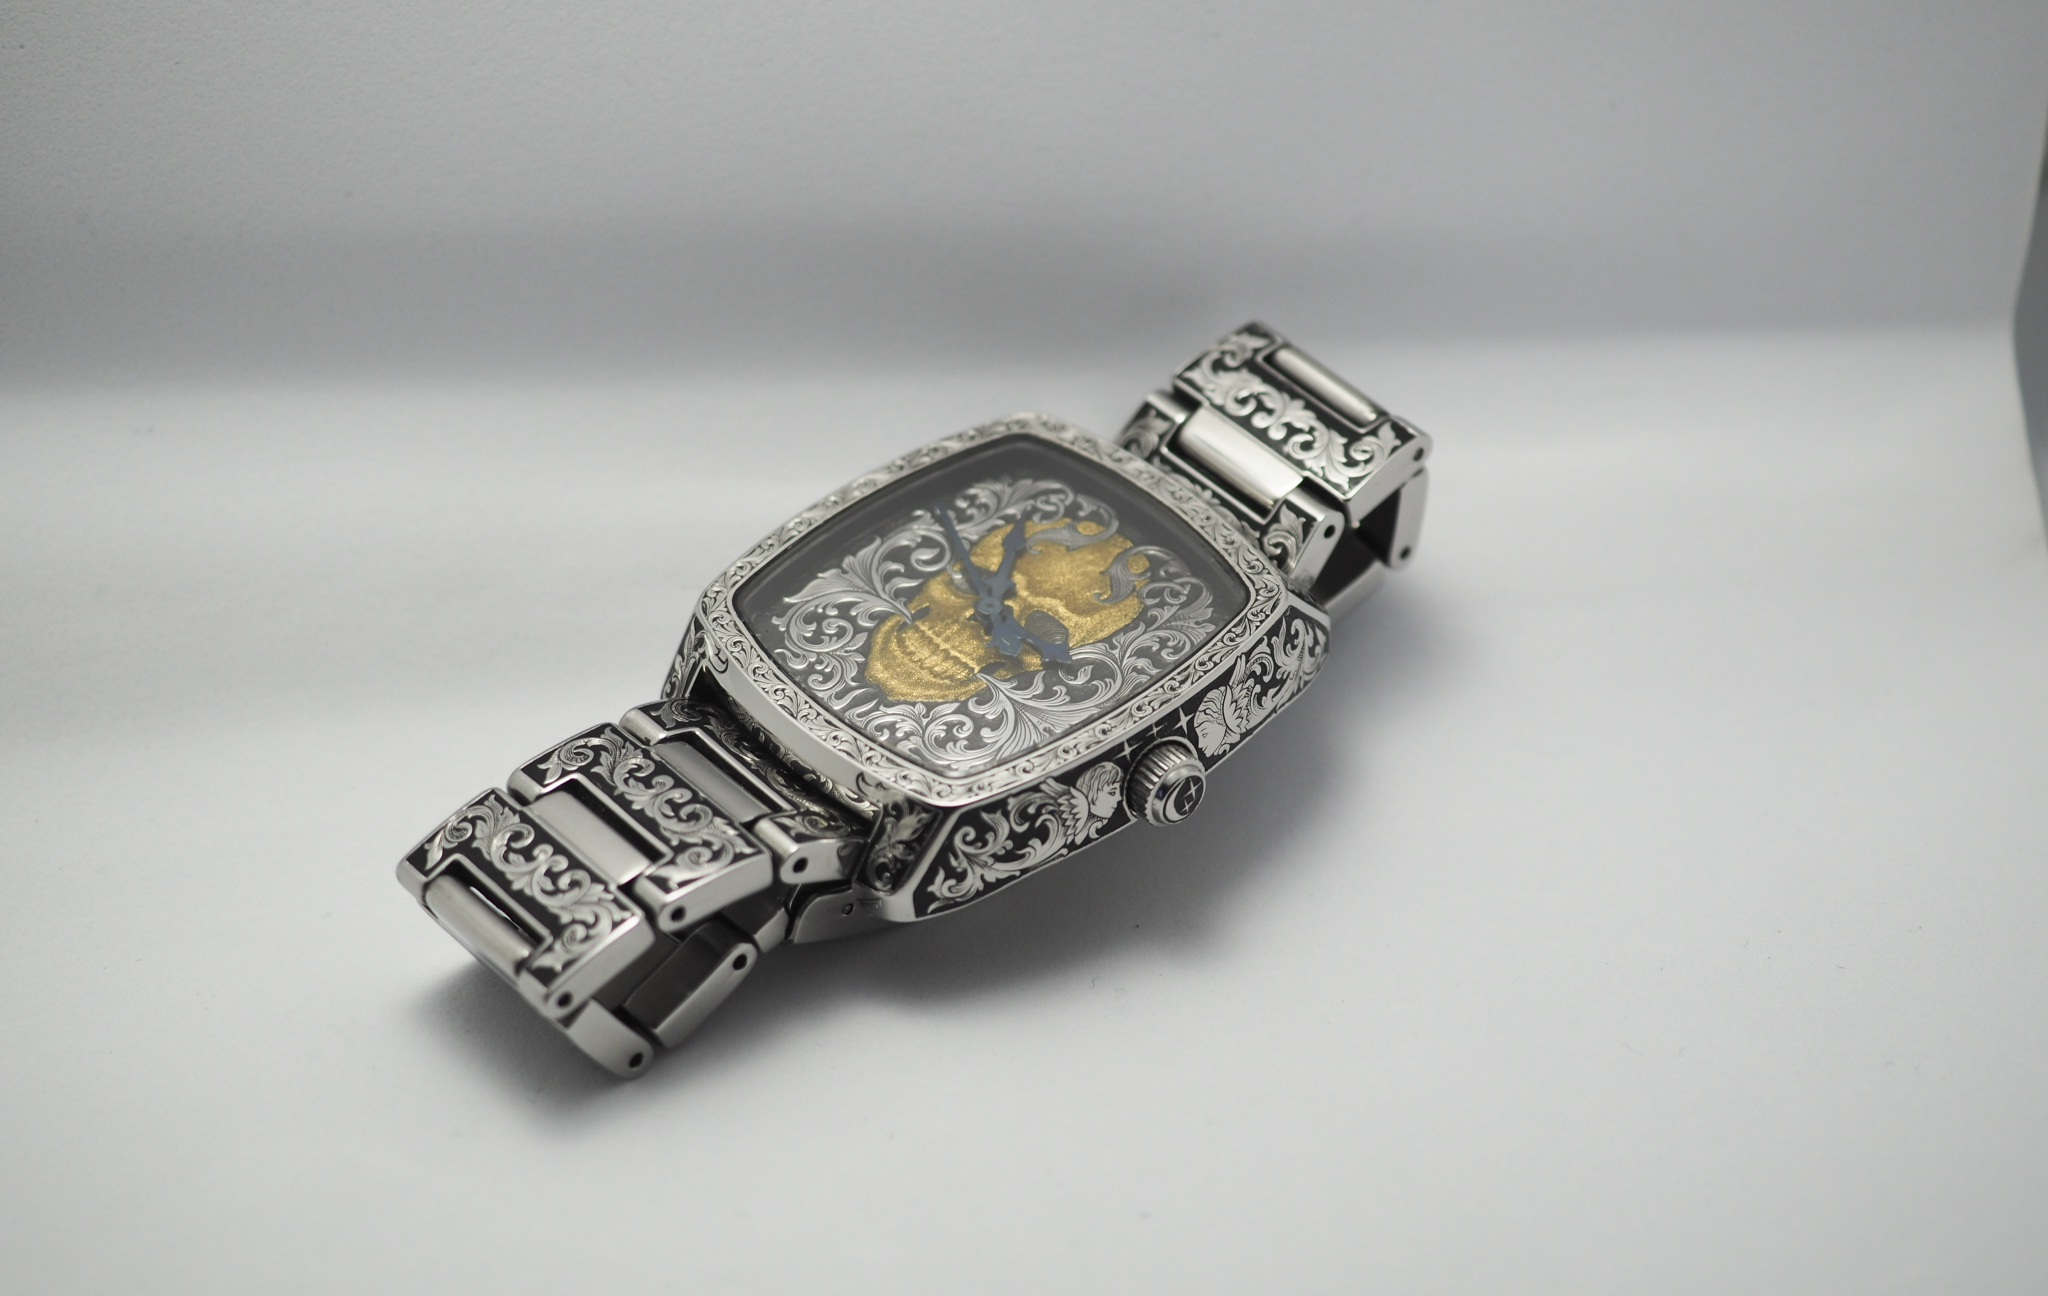 Độc đáo nghề chạm khắc đồng hồ ở Hà Nội - 15